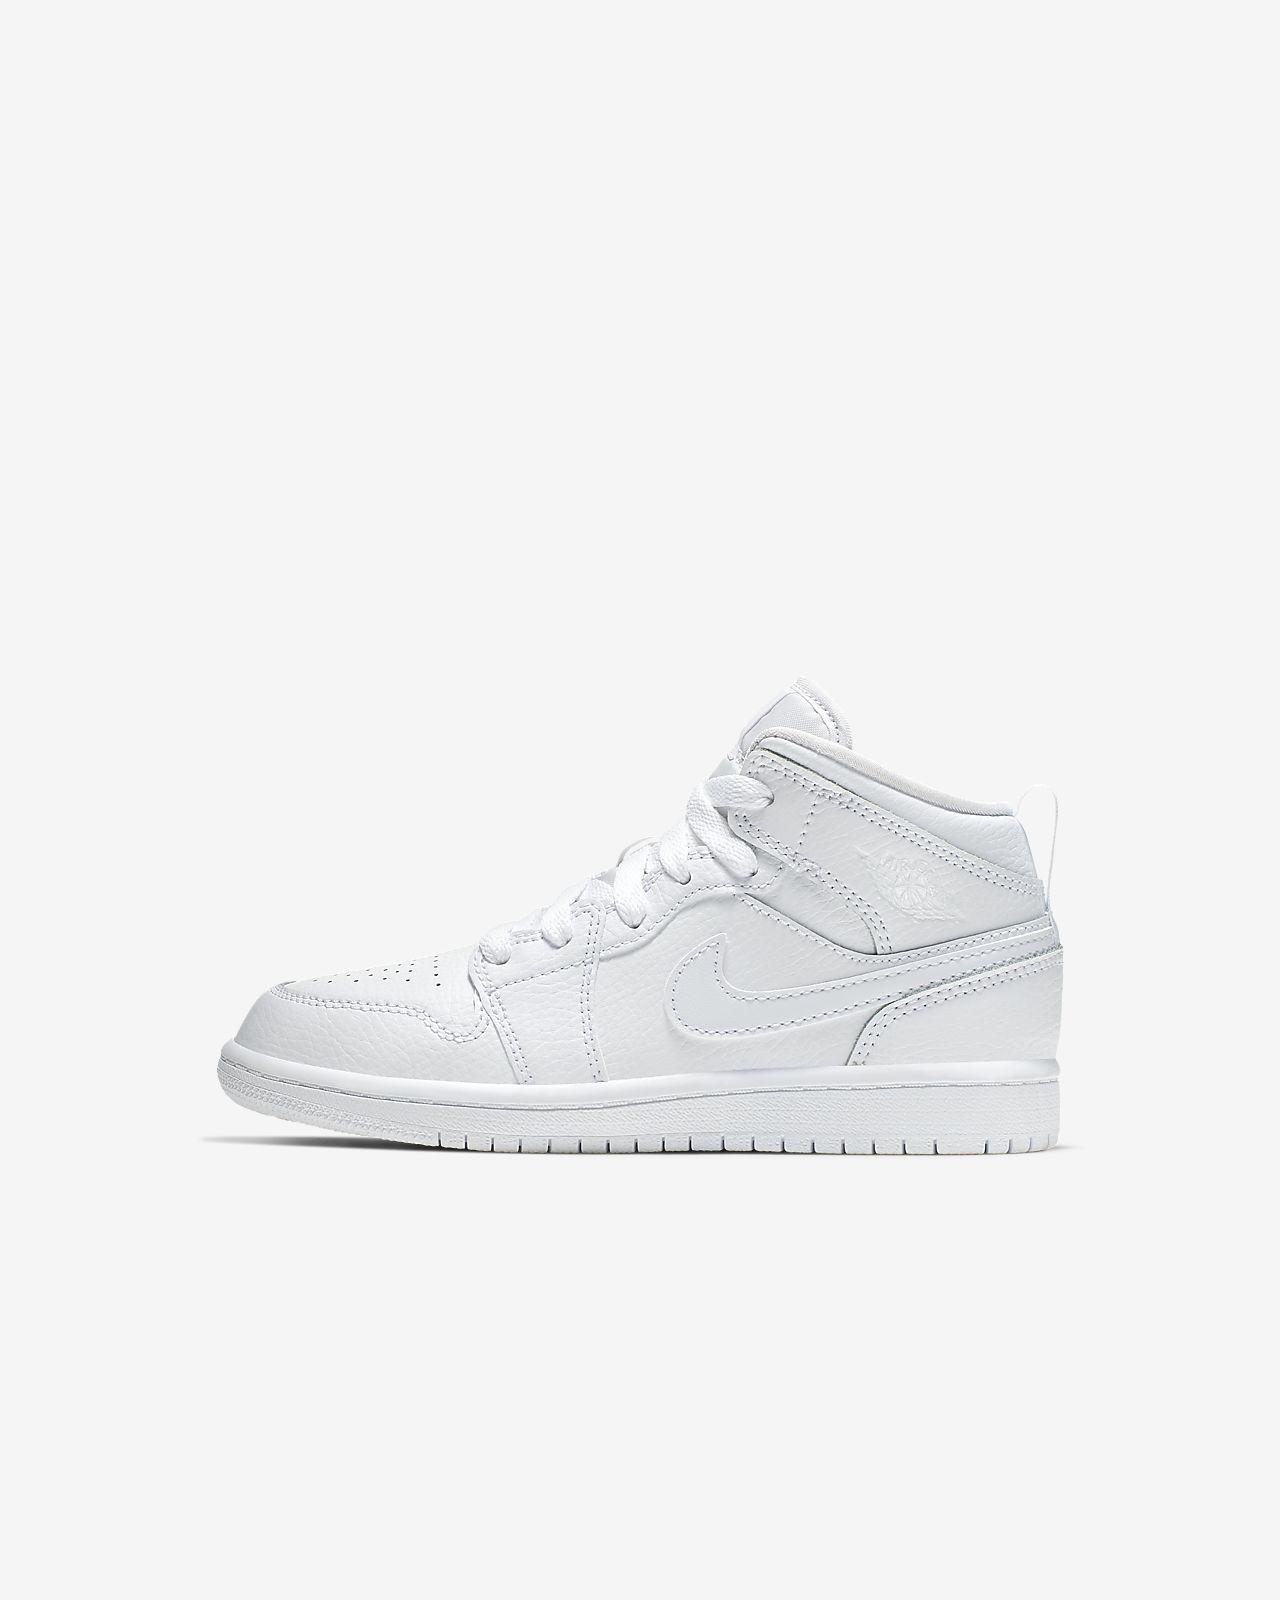 Chaussure Air Jordan 1 Mid pour Jeune enfant